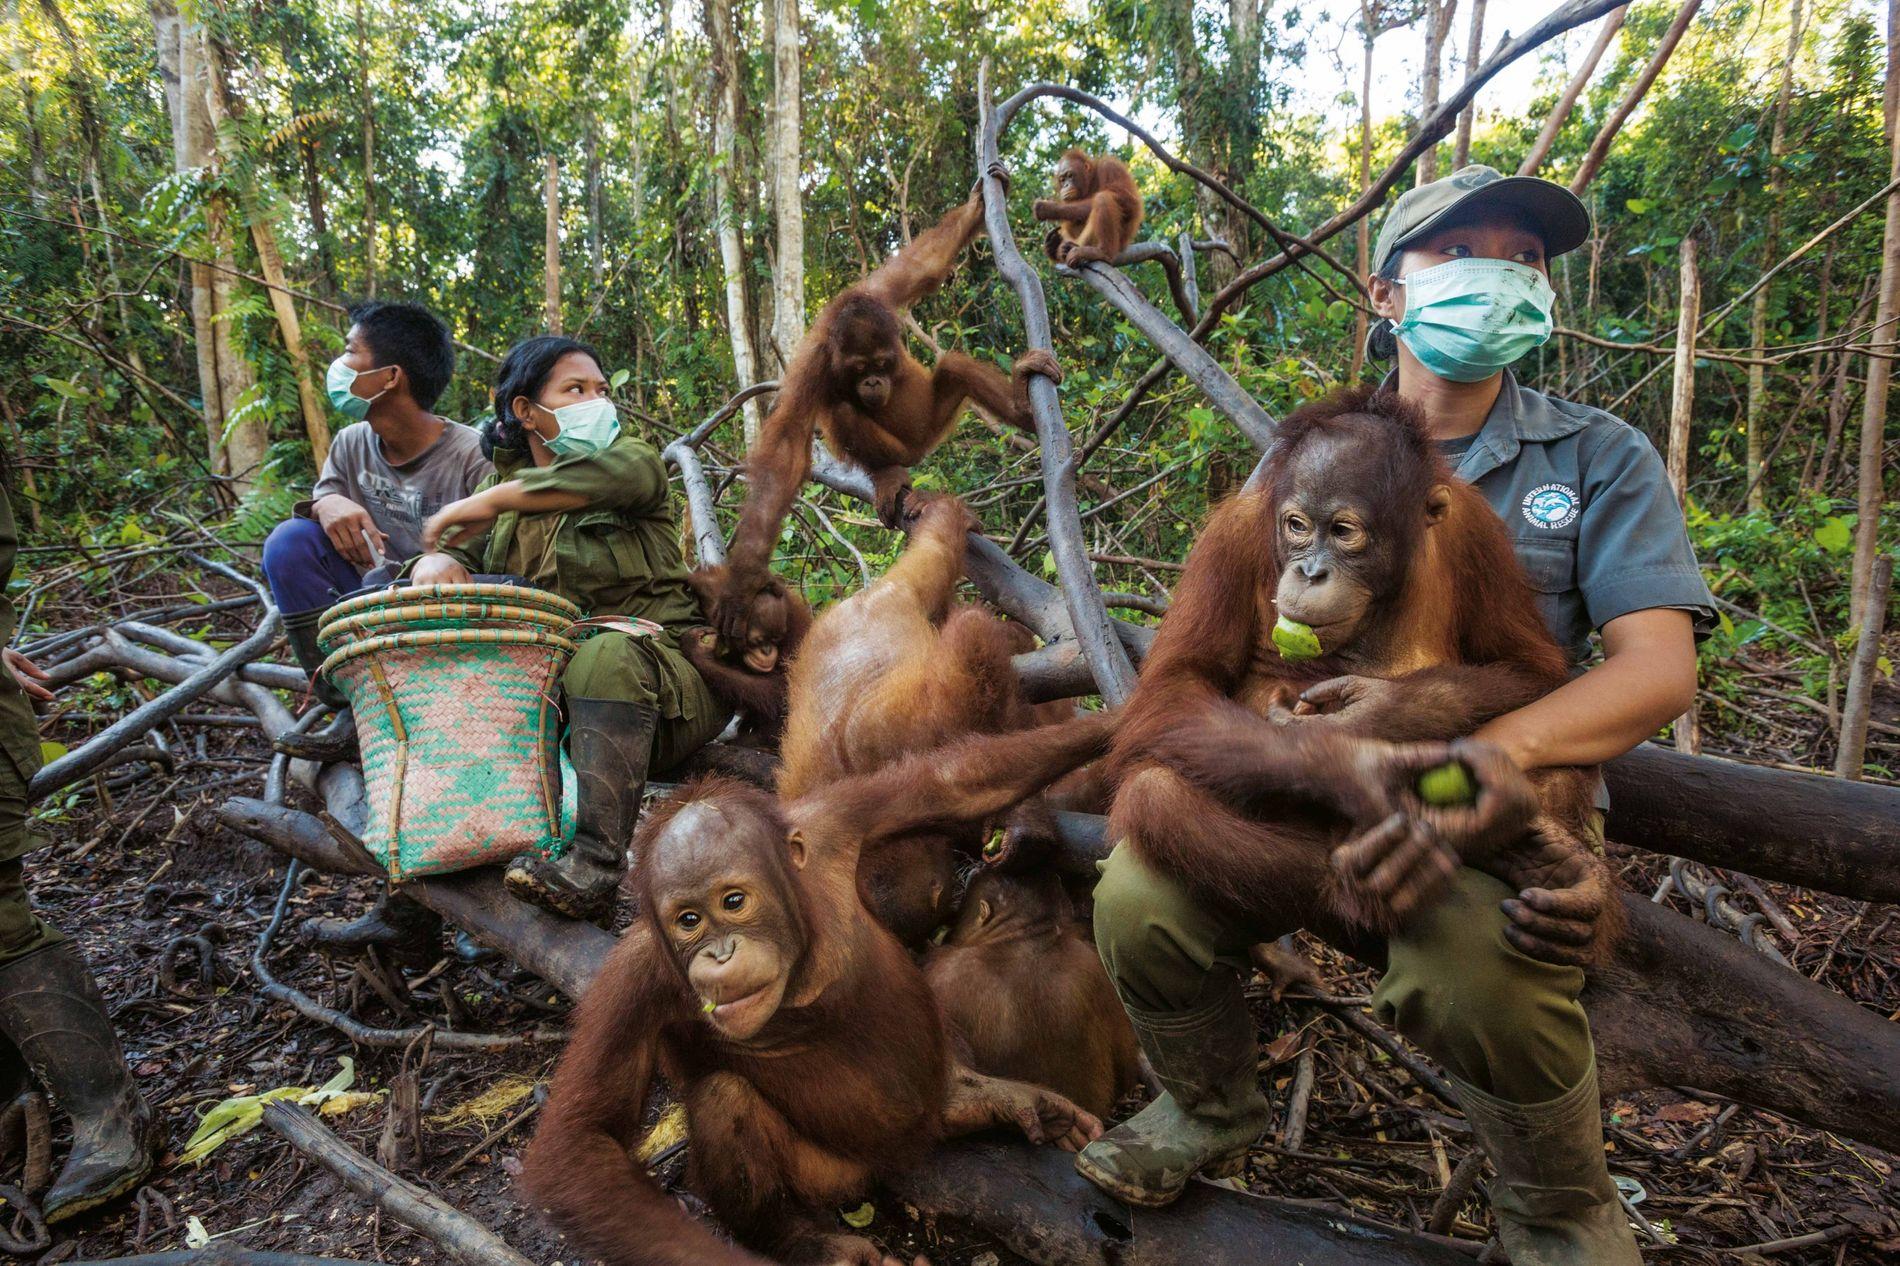 Des orangs-outans orphelins sont entraînés chaque jour en forêt à acquérir les comportements qui leur permettront ...